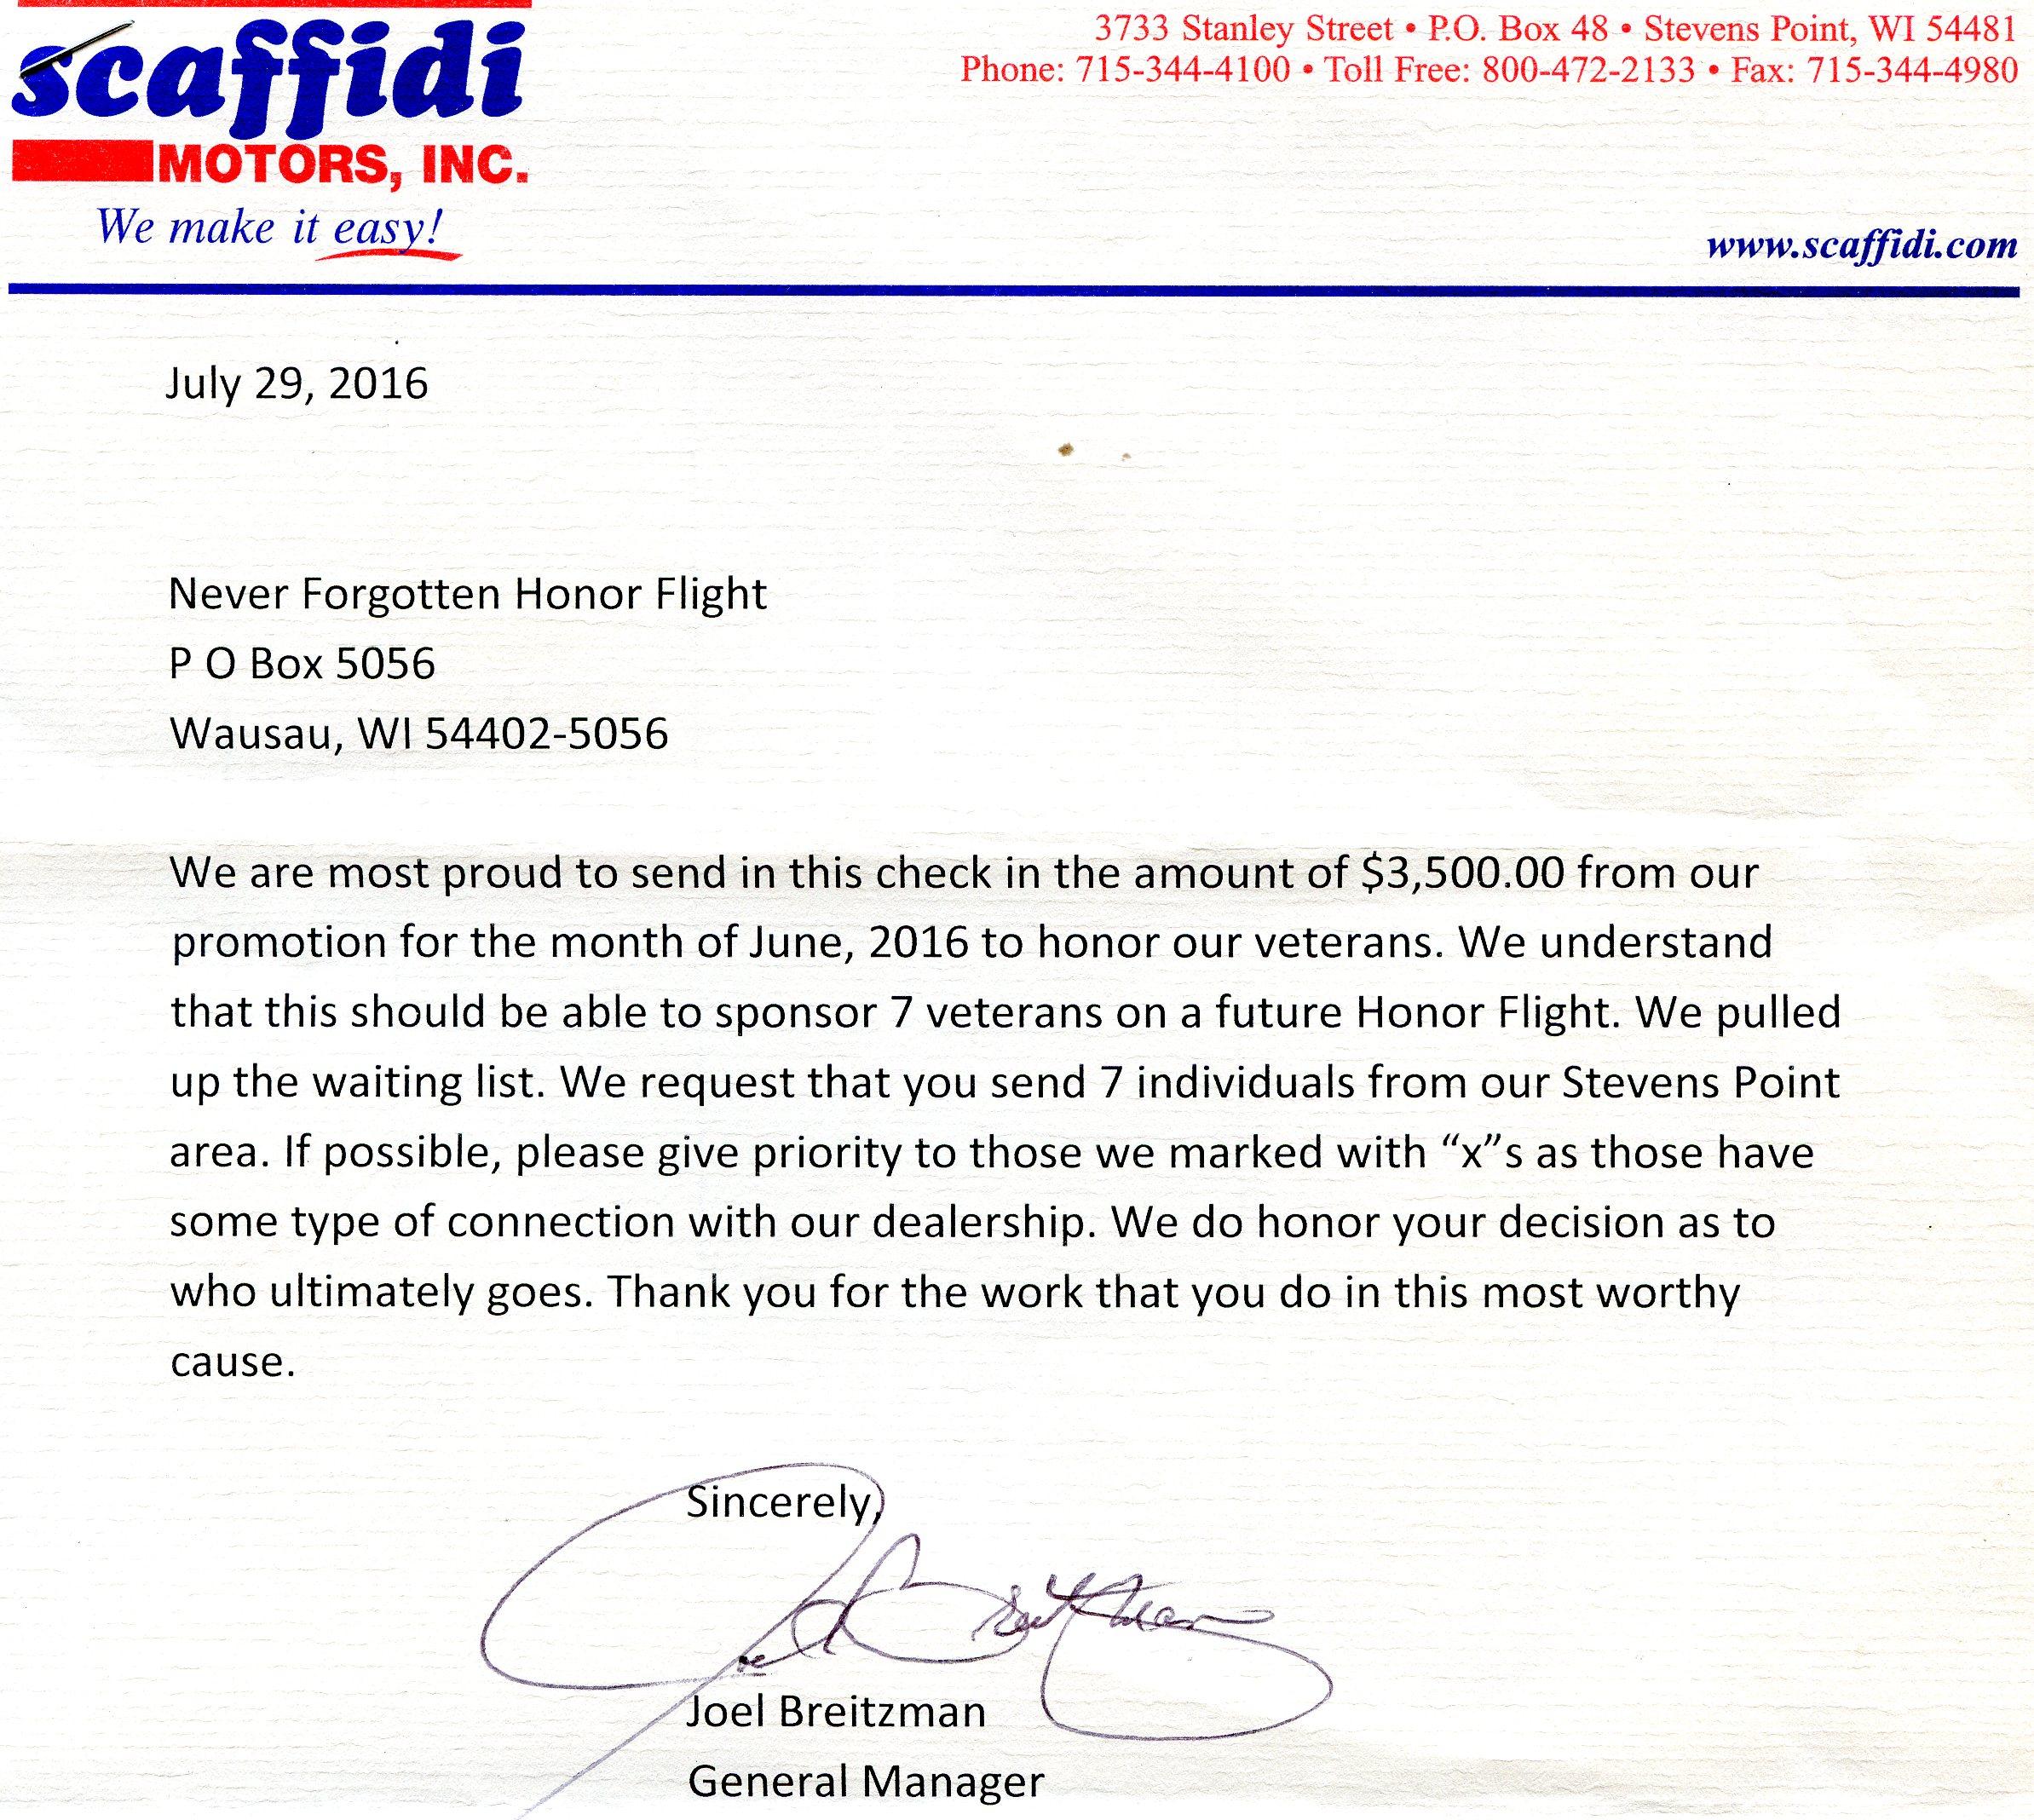 Flight 24 Never Forgotten Honor Flight